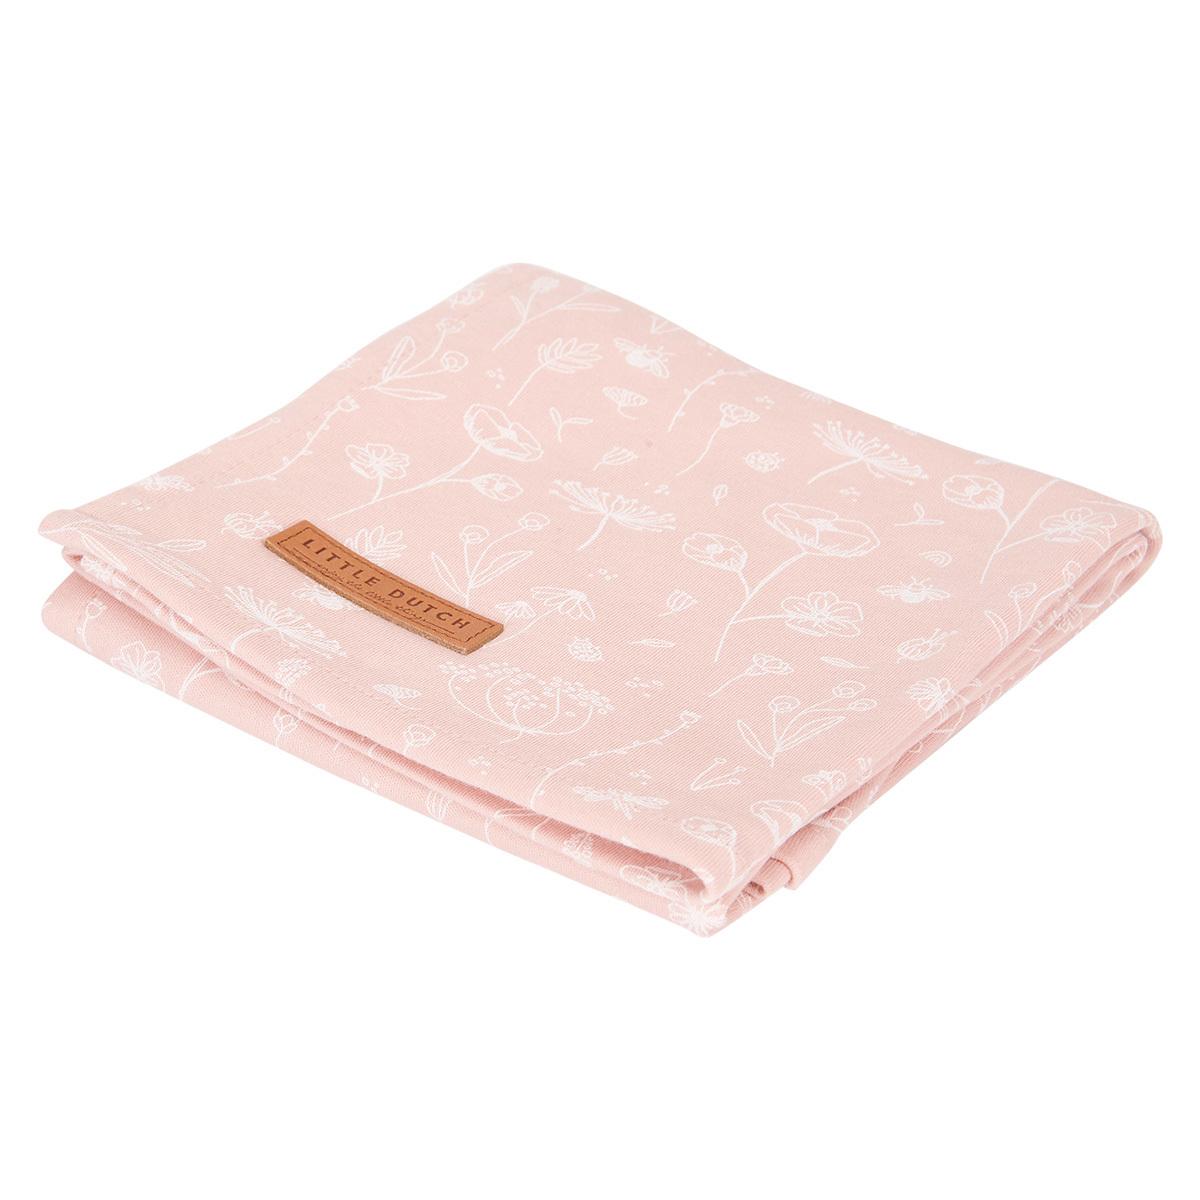 Lange Maxi Lange Wild Flowers & Pure - Pink Maxi Lange Wild Flowers & Pure - Pink